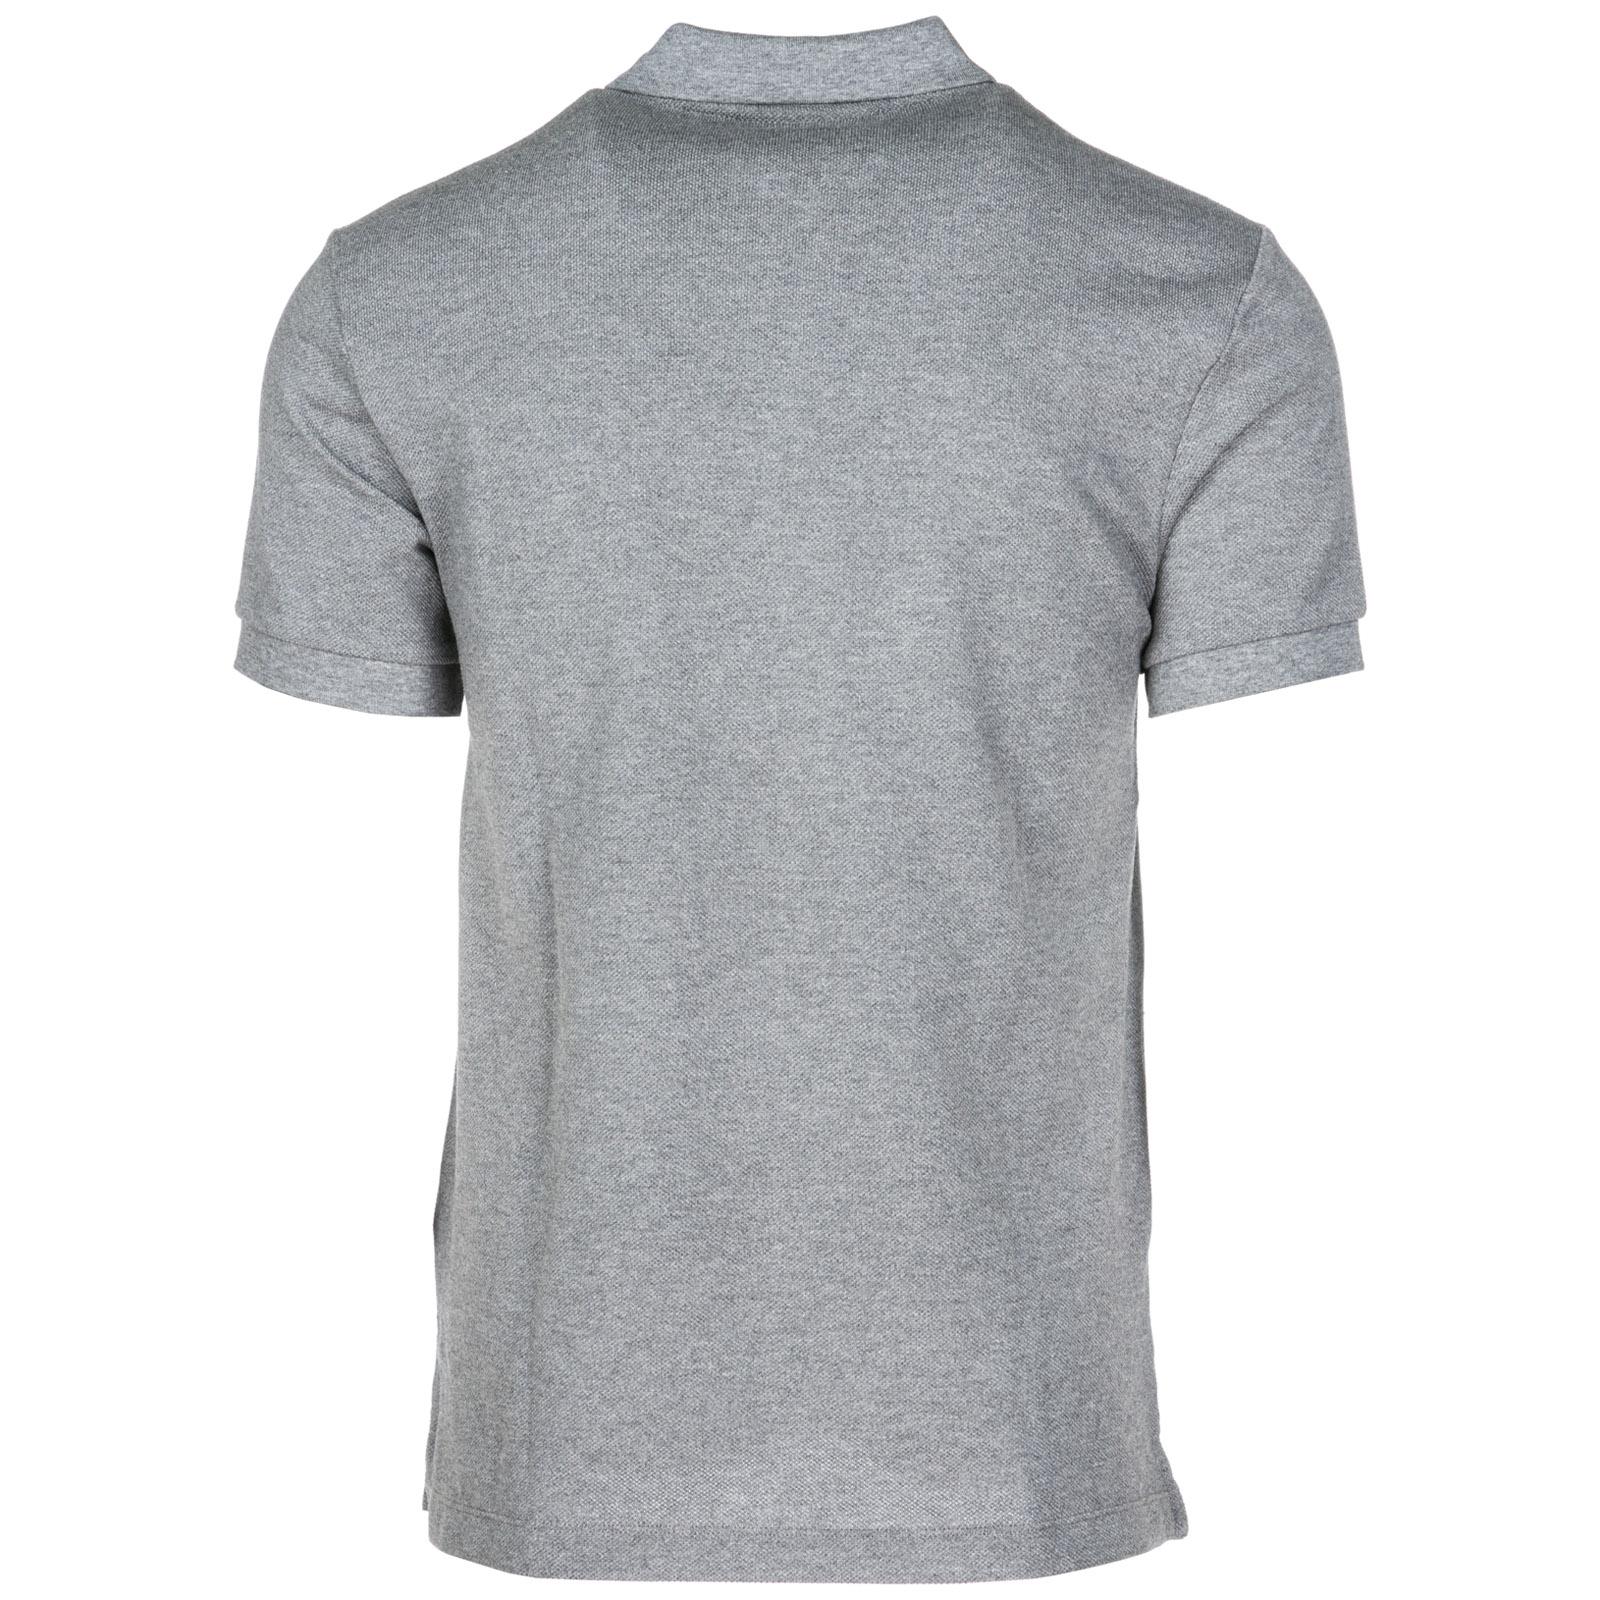 18228da7a3c6 ... T-shirt manches courtes col polo homme